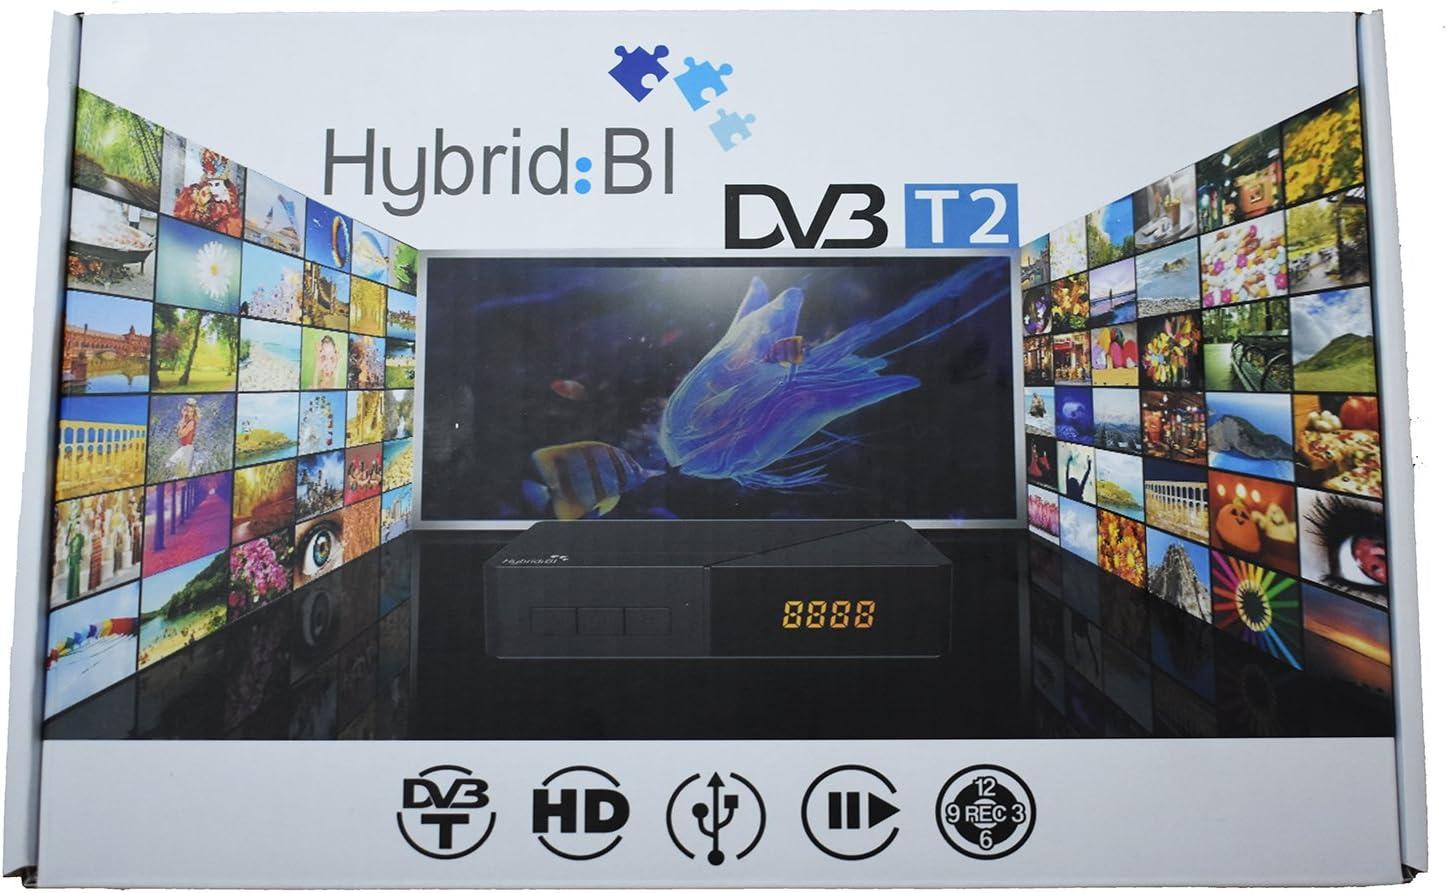 HYBRID:BI RECEPTOR DE DVB-T2 HD: Amazon.es: Electrónica